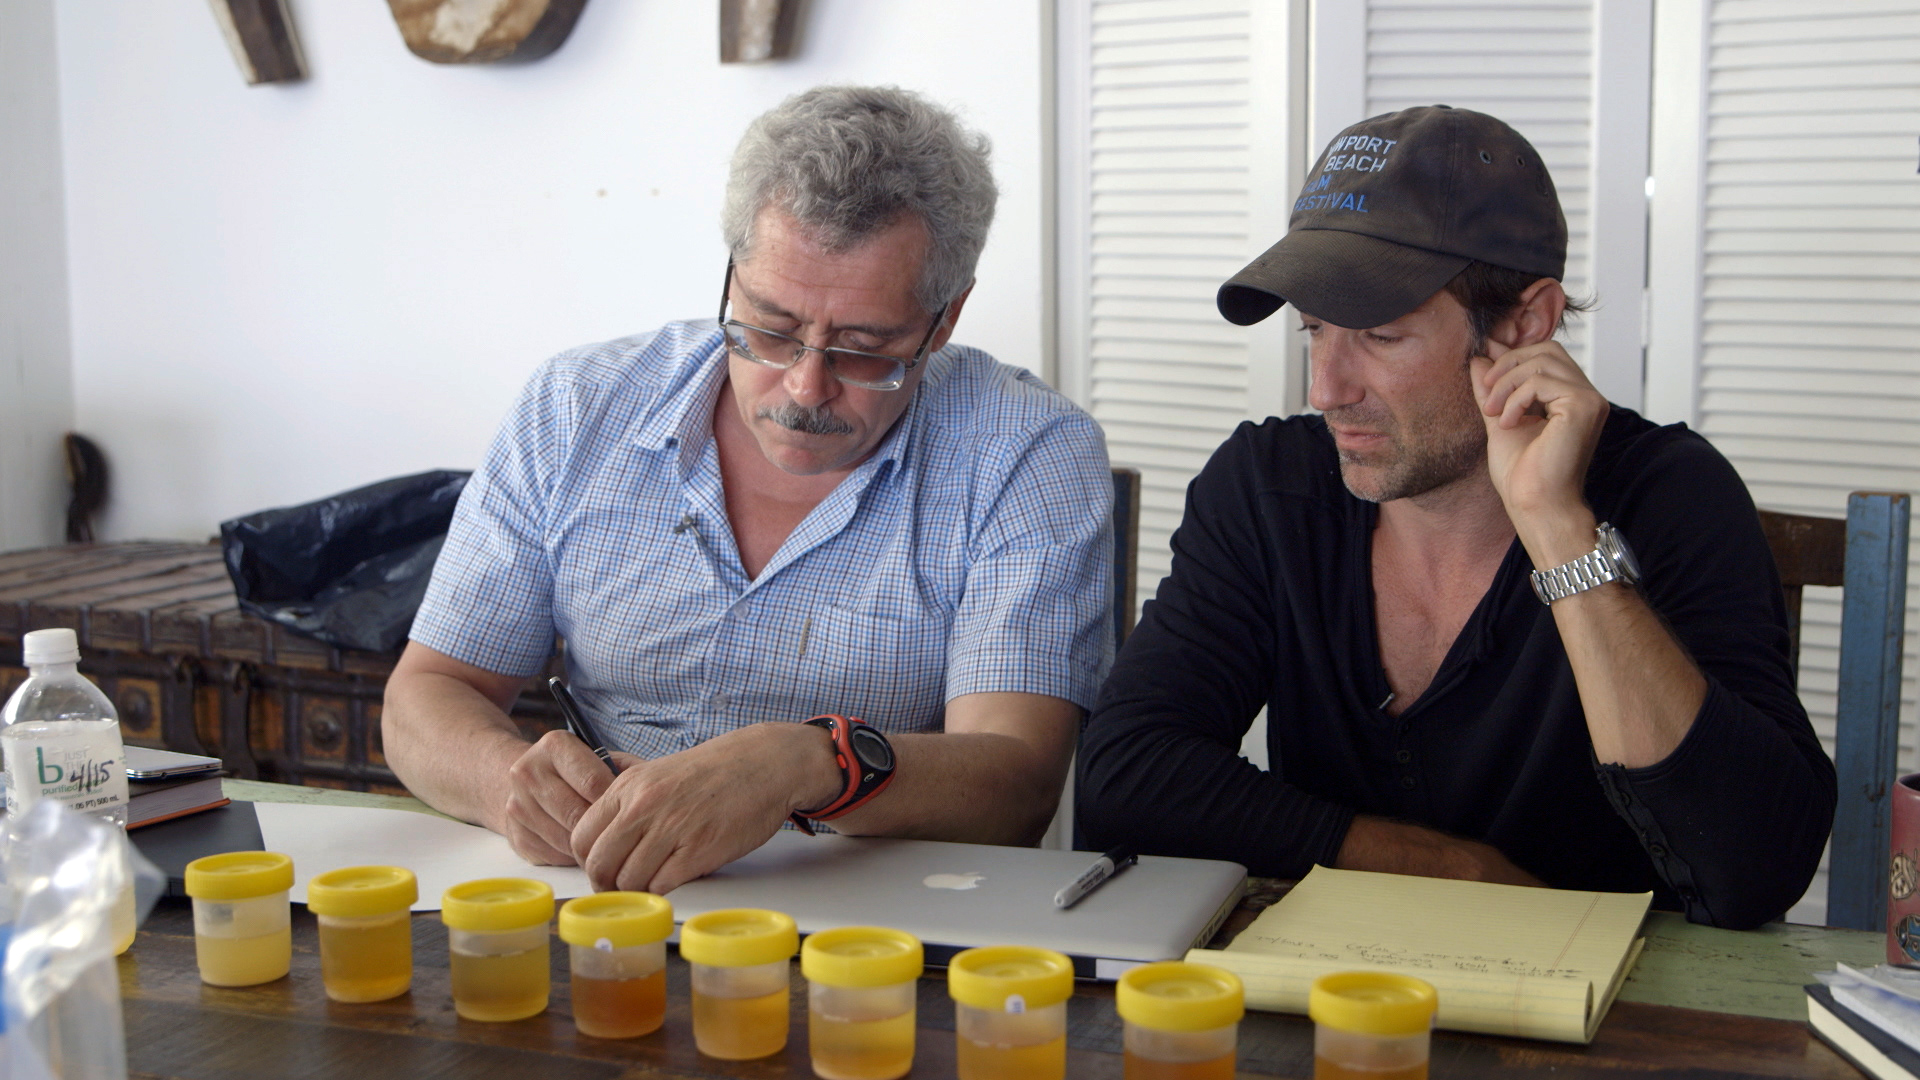 Z lewej Grigorij Rodczenkow, dyrektor rosyjskiego laboratorium antydopingowego, z prawej Bryan Fogel, reżyser dokumentu 'Ikar' (fot. materiały prasowe)